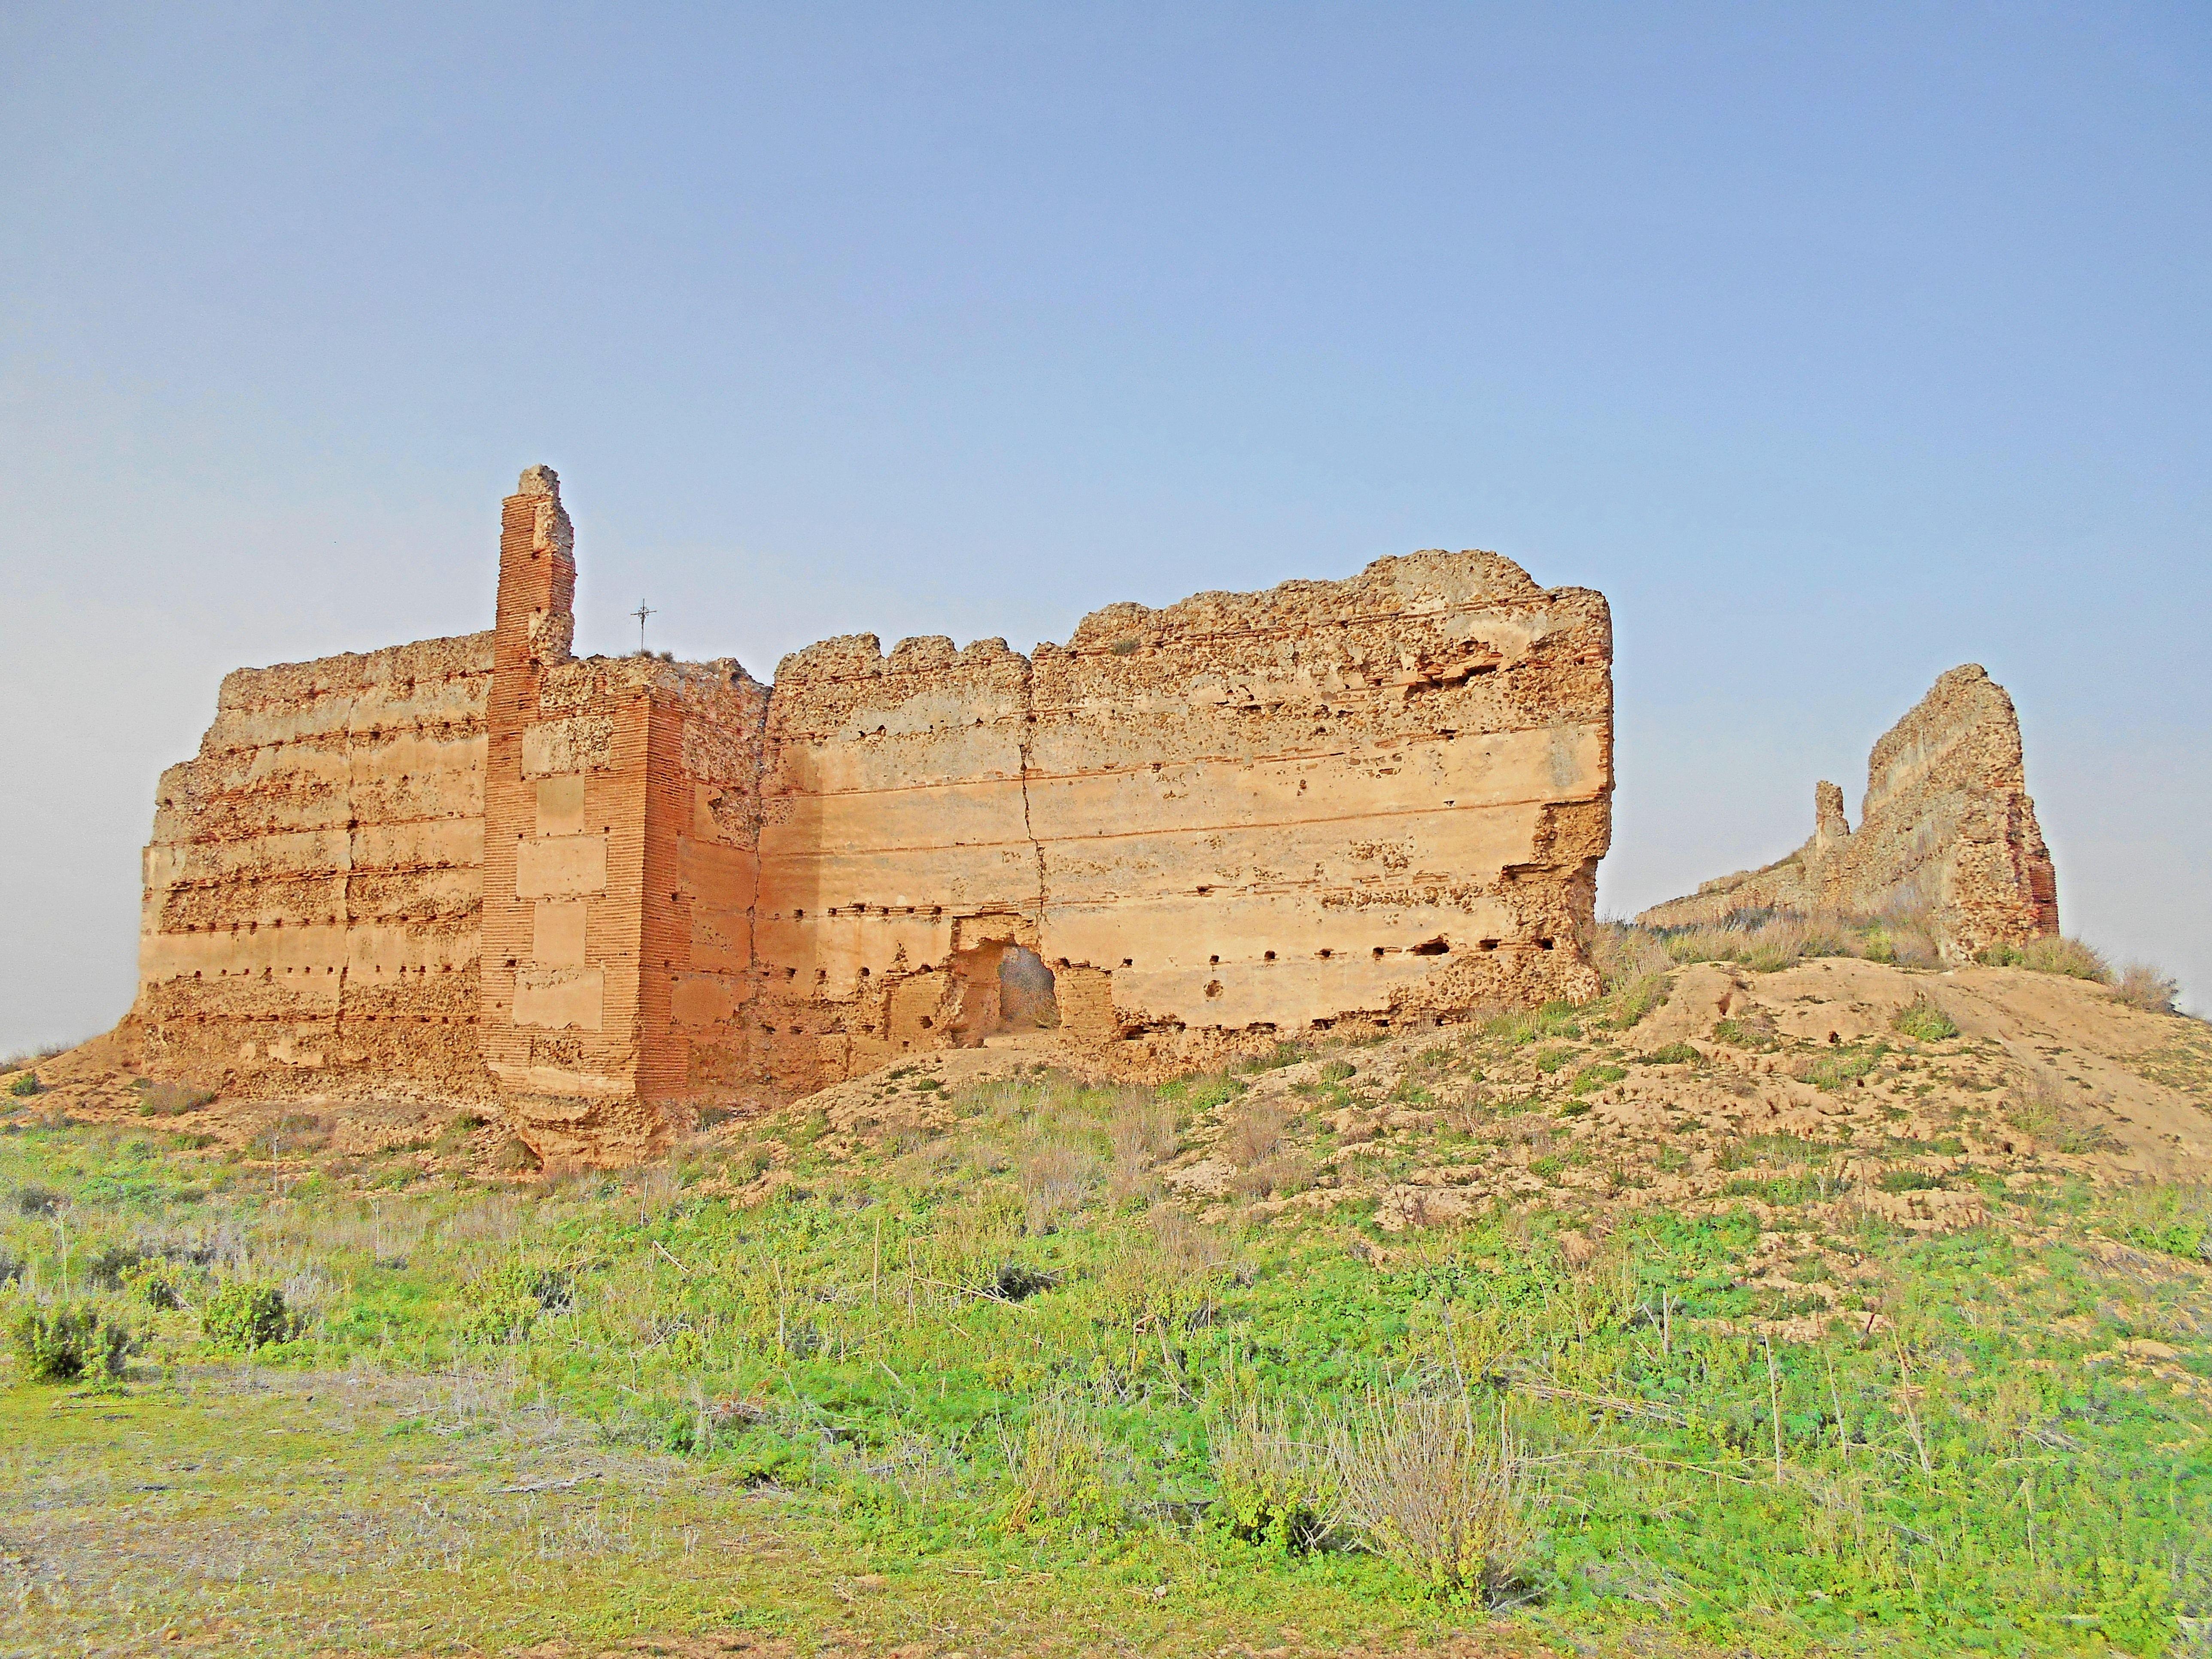 Castillo de Villalba. Posiblemente se construyó sobre una antigua fortaleza romana, un castillo por el Califato de Córdoba. Tras la reconquista fué reformado por los Templarios.